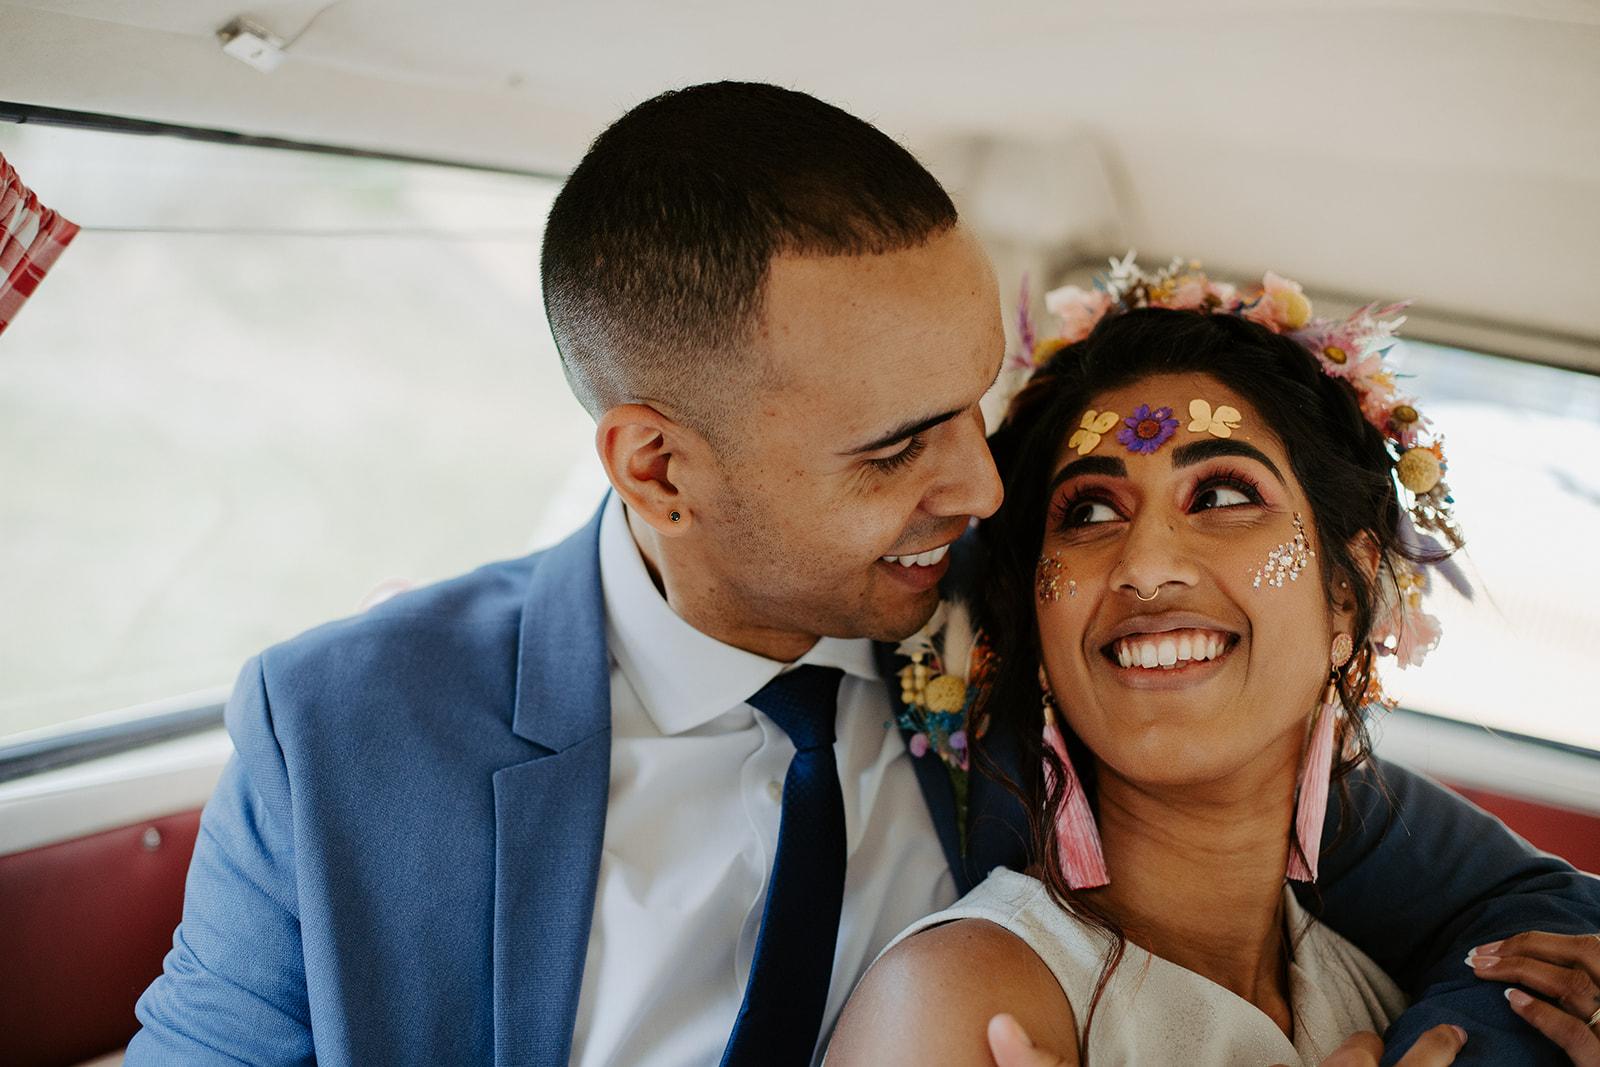 drive in wedding - camper van wedding - bride with festival makeup - festival bride - festival wedding ideas